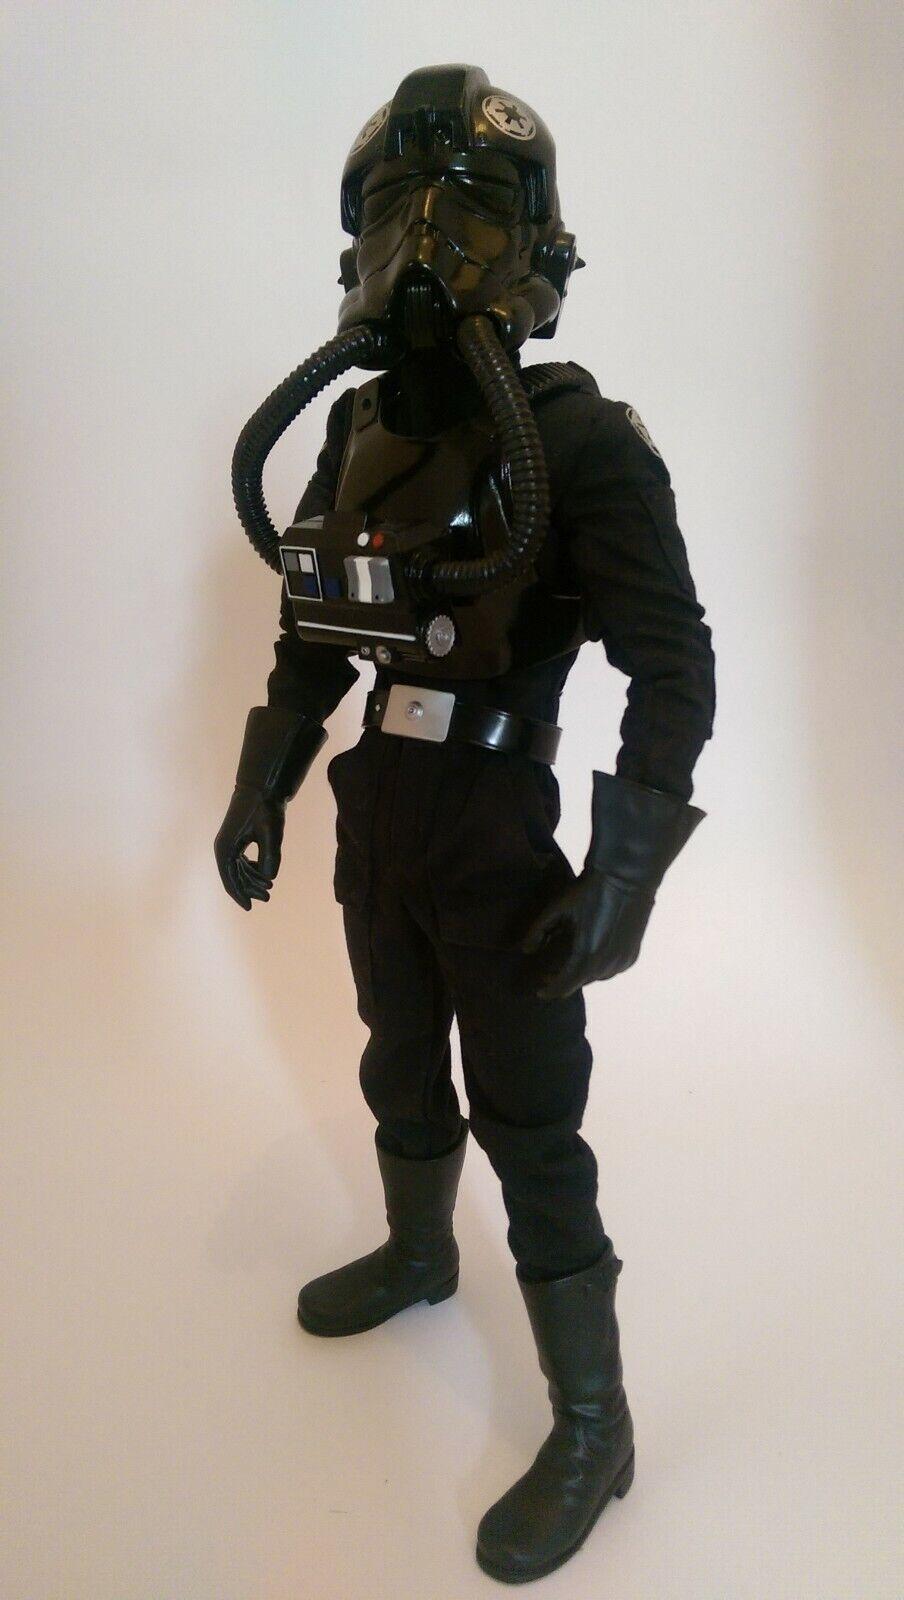 Medicom Star wars Tie Fighter Pilot RAH 1 6 figure Episode IV ANH